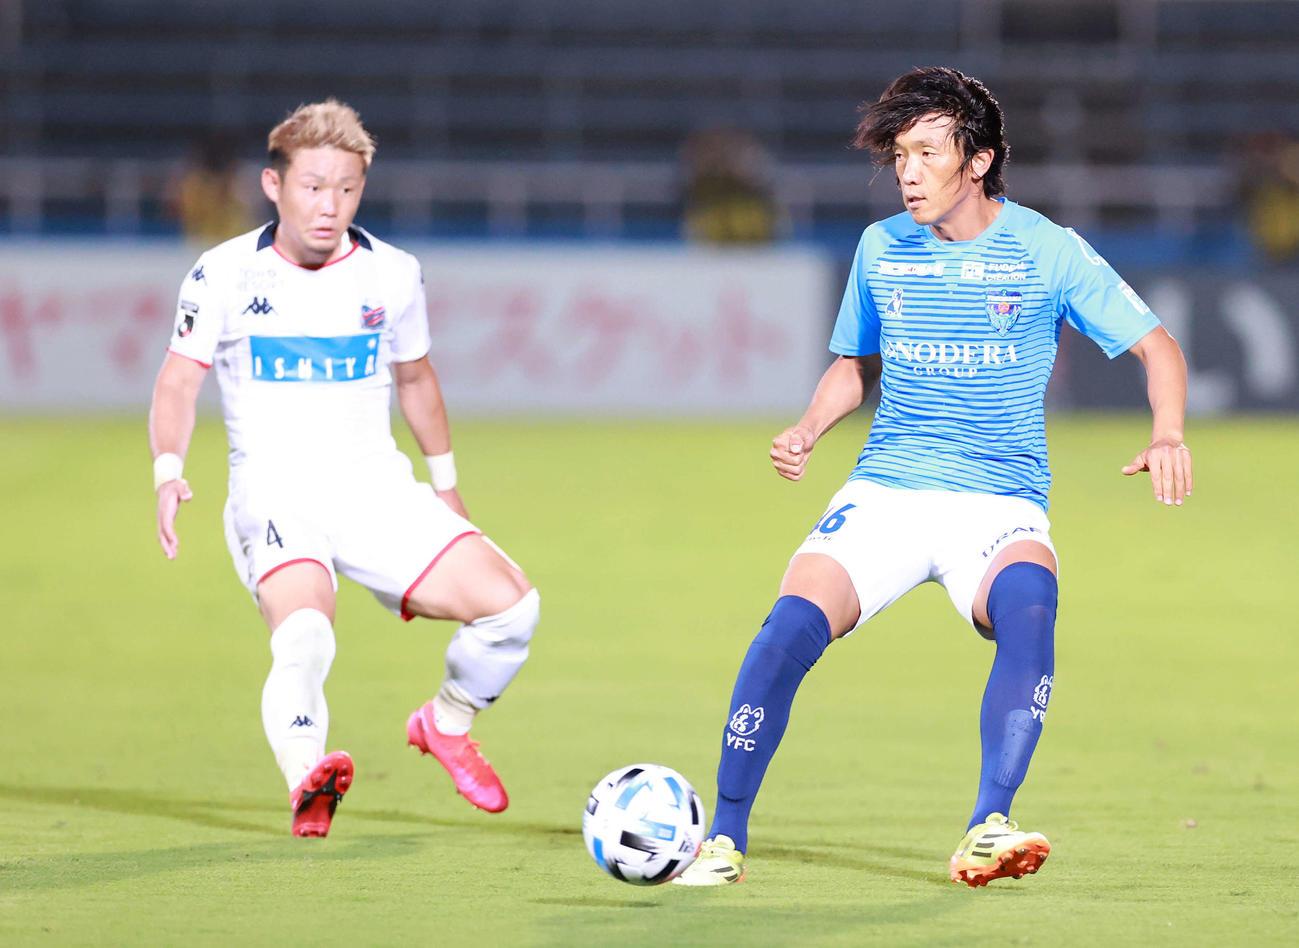 横浜FC対札幌 後半、パスを受ける横浜FC・MF中村(右)(撮影・江口和貴)